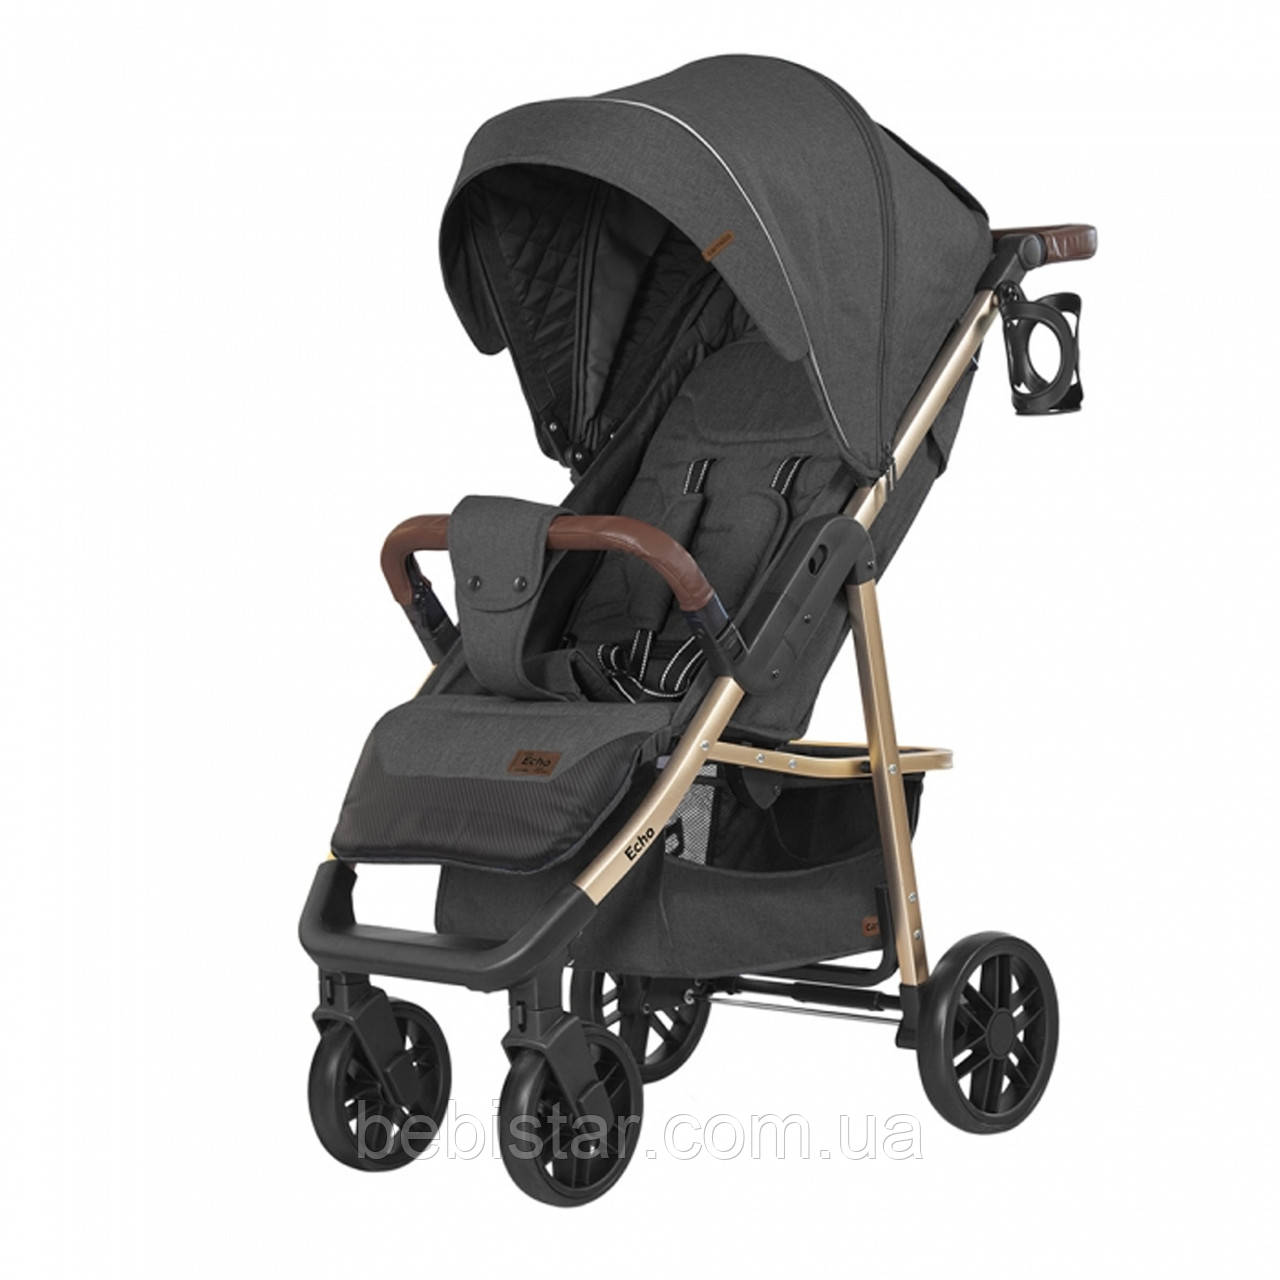 Детская прогулочная коляска темно-серая CARRELLO Echo CRL-8508/1 Midnight Gray c дождевиком